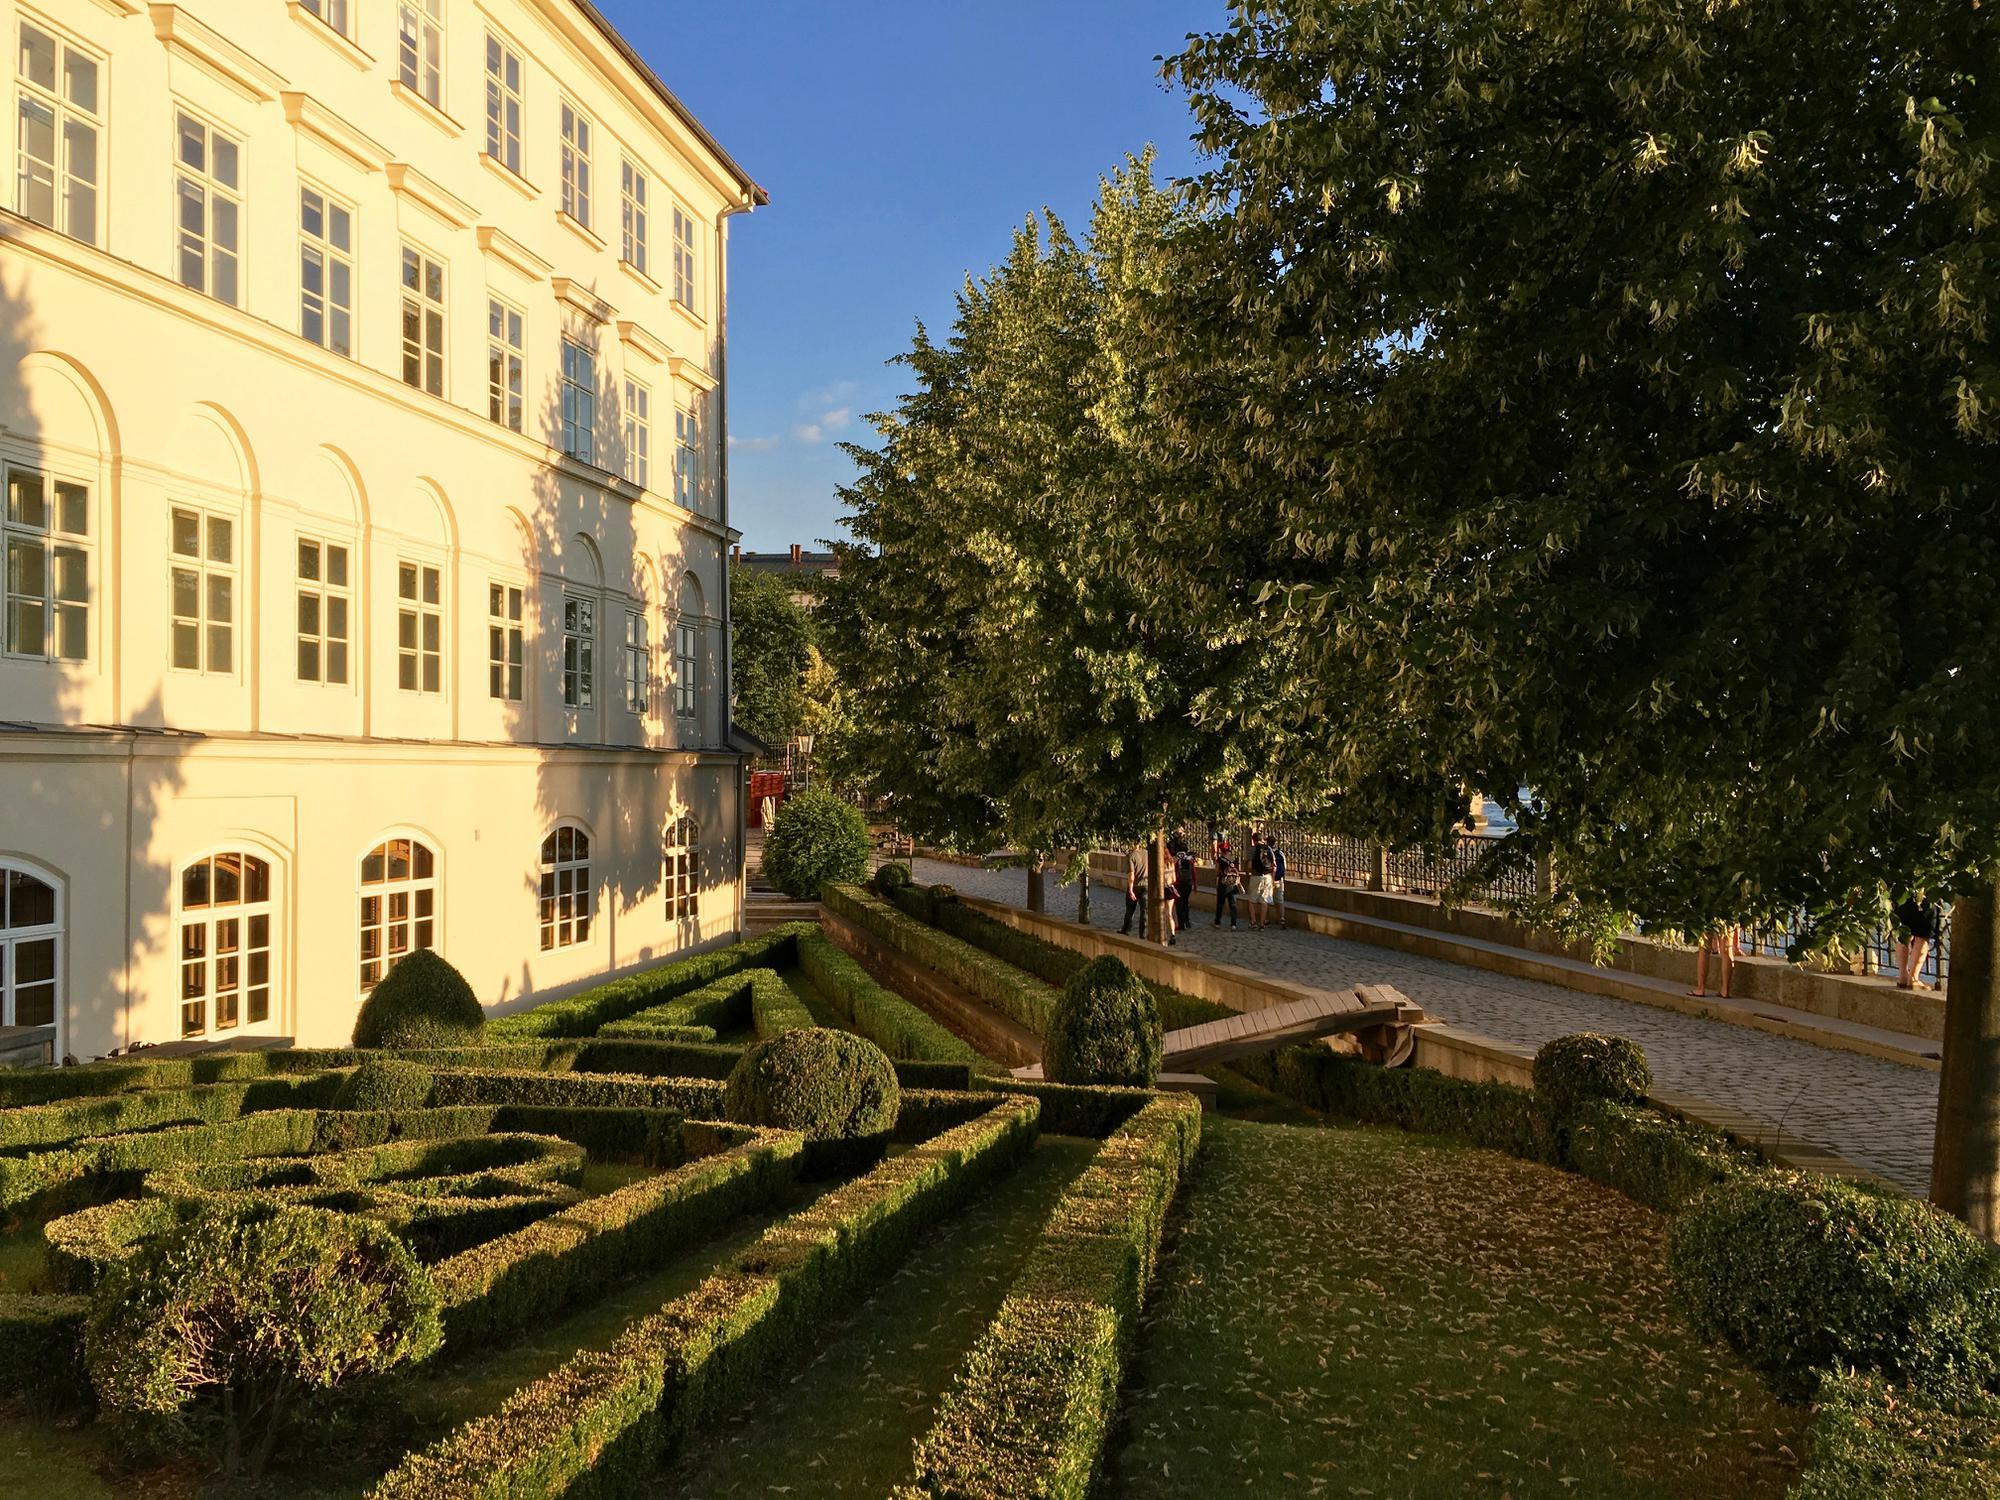 🇨🇿 Прага, Чехия, июль 2016.